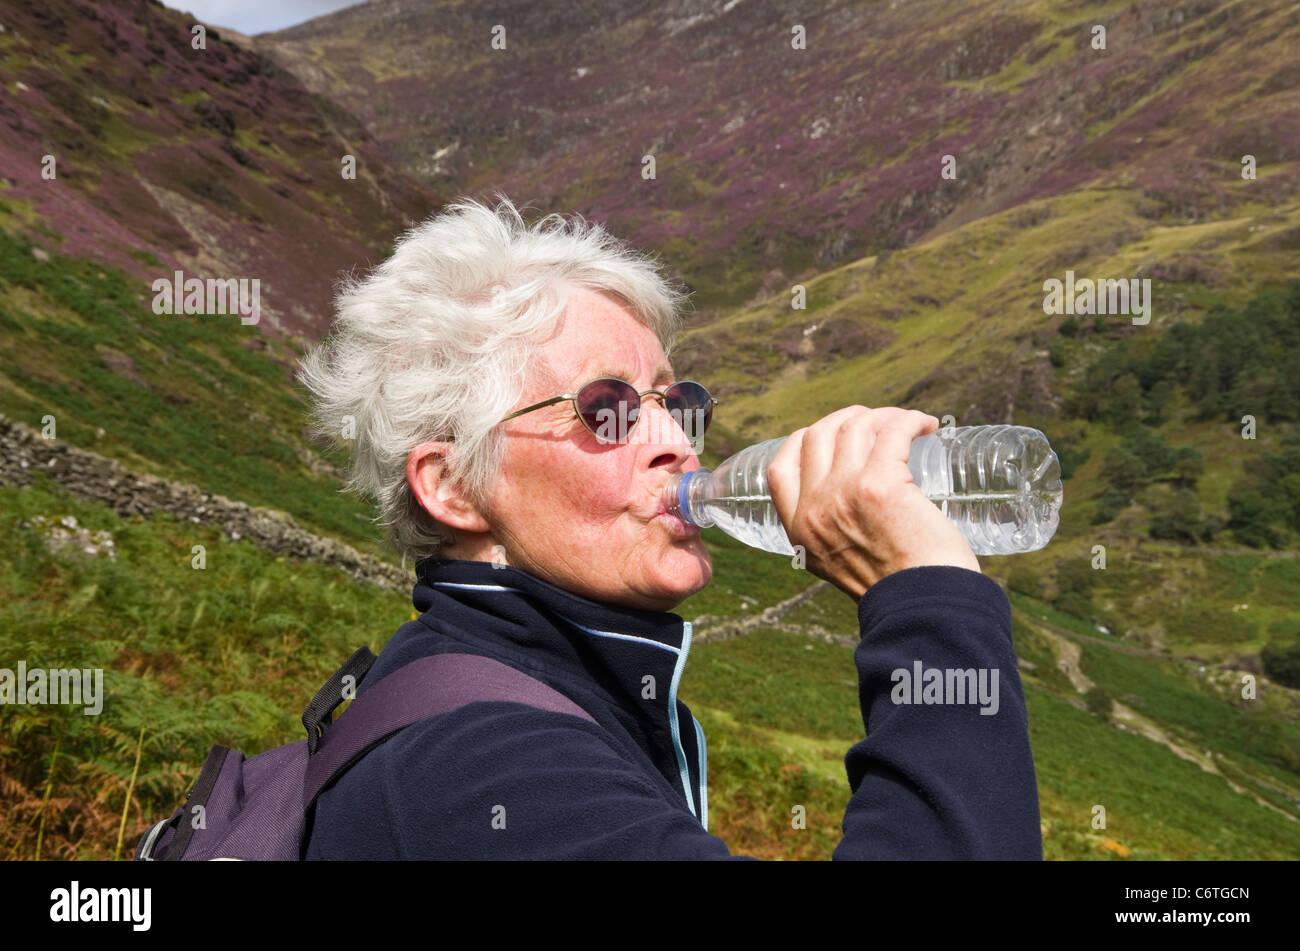 Sed activa mujer senior walker beber agua embotellada de una botella de plástico mientras caminas al aire libre Imagen De Stock